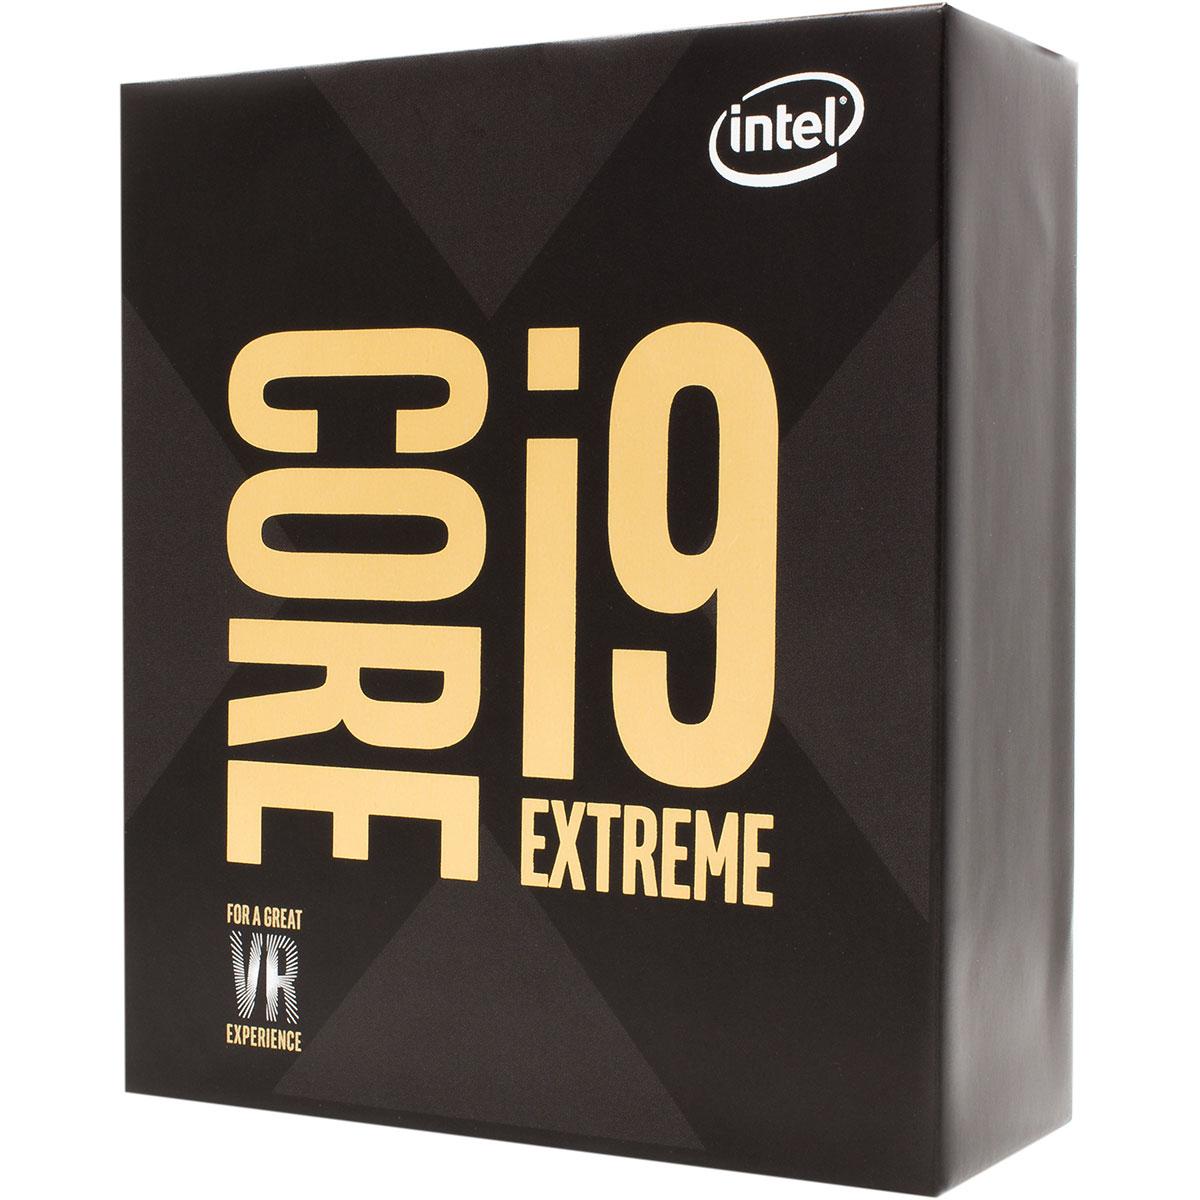 Processeur Intel Core i9-7980XE Extreme Edition (2.6 GHz) Processeur 18-Core Socket 2066 Cache L3 24.75 Mo 0.014 micron TDP 165W (version boîte sans ventilateur - garantie Intel 3 ans)